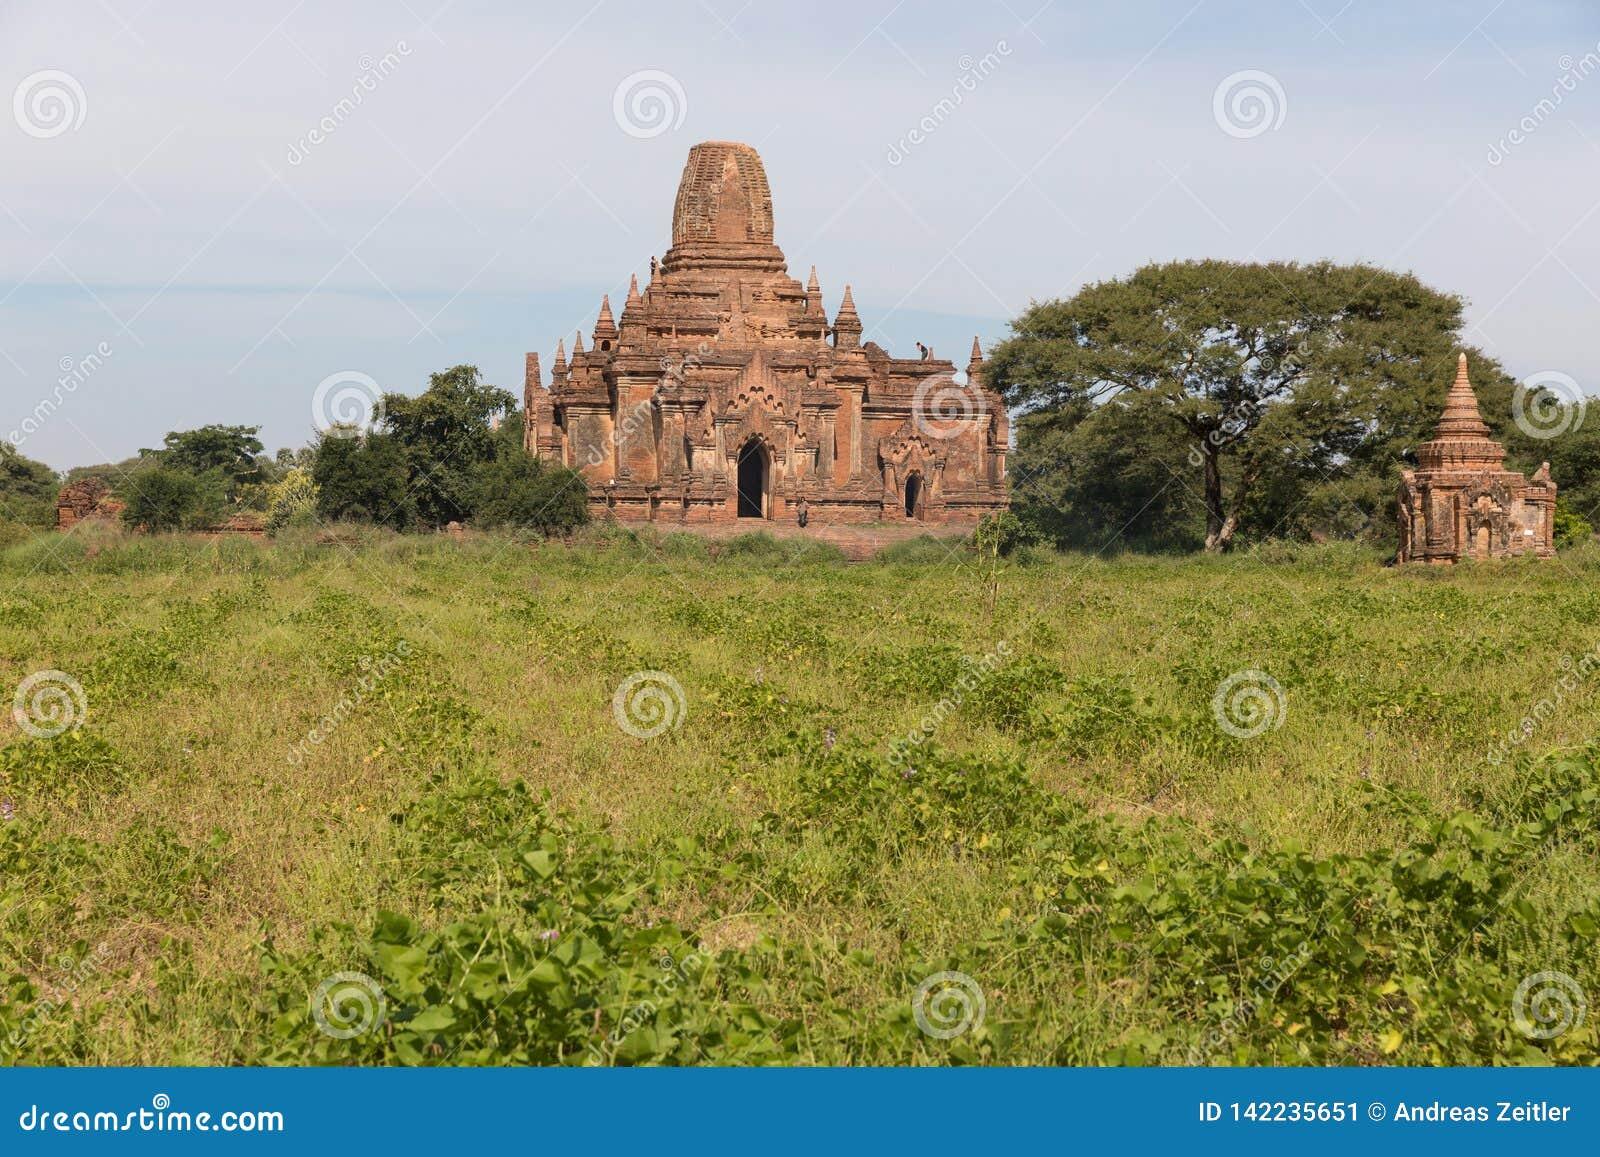 Detalle de templos antiguos en Bagan, Myanmar (Birmania